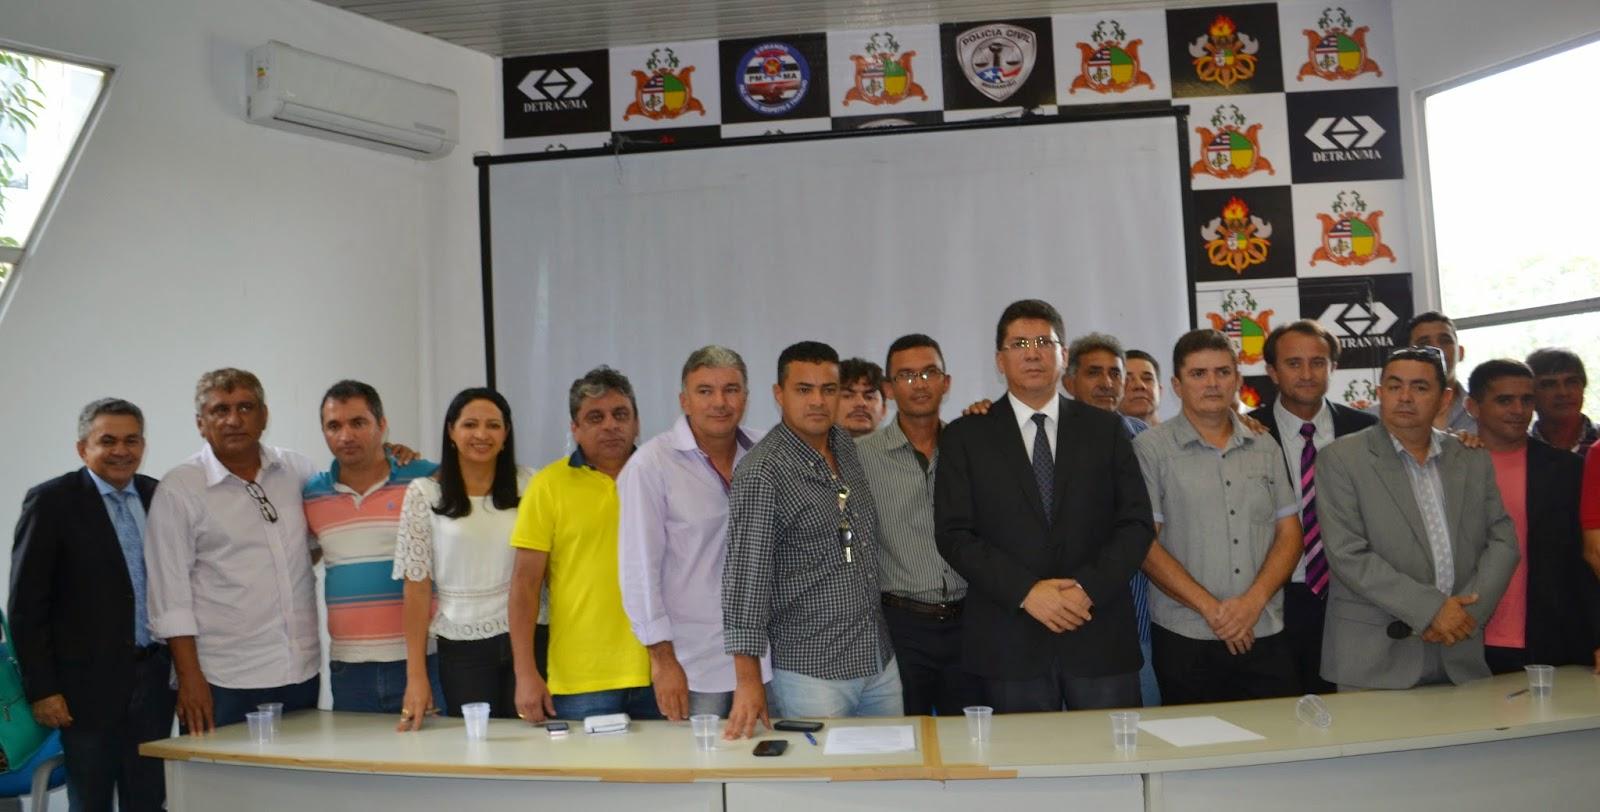 Antonio Pereira e uniu lideranças de Buriiticupu